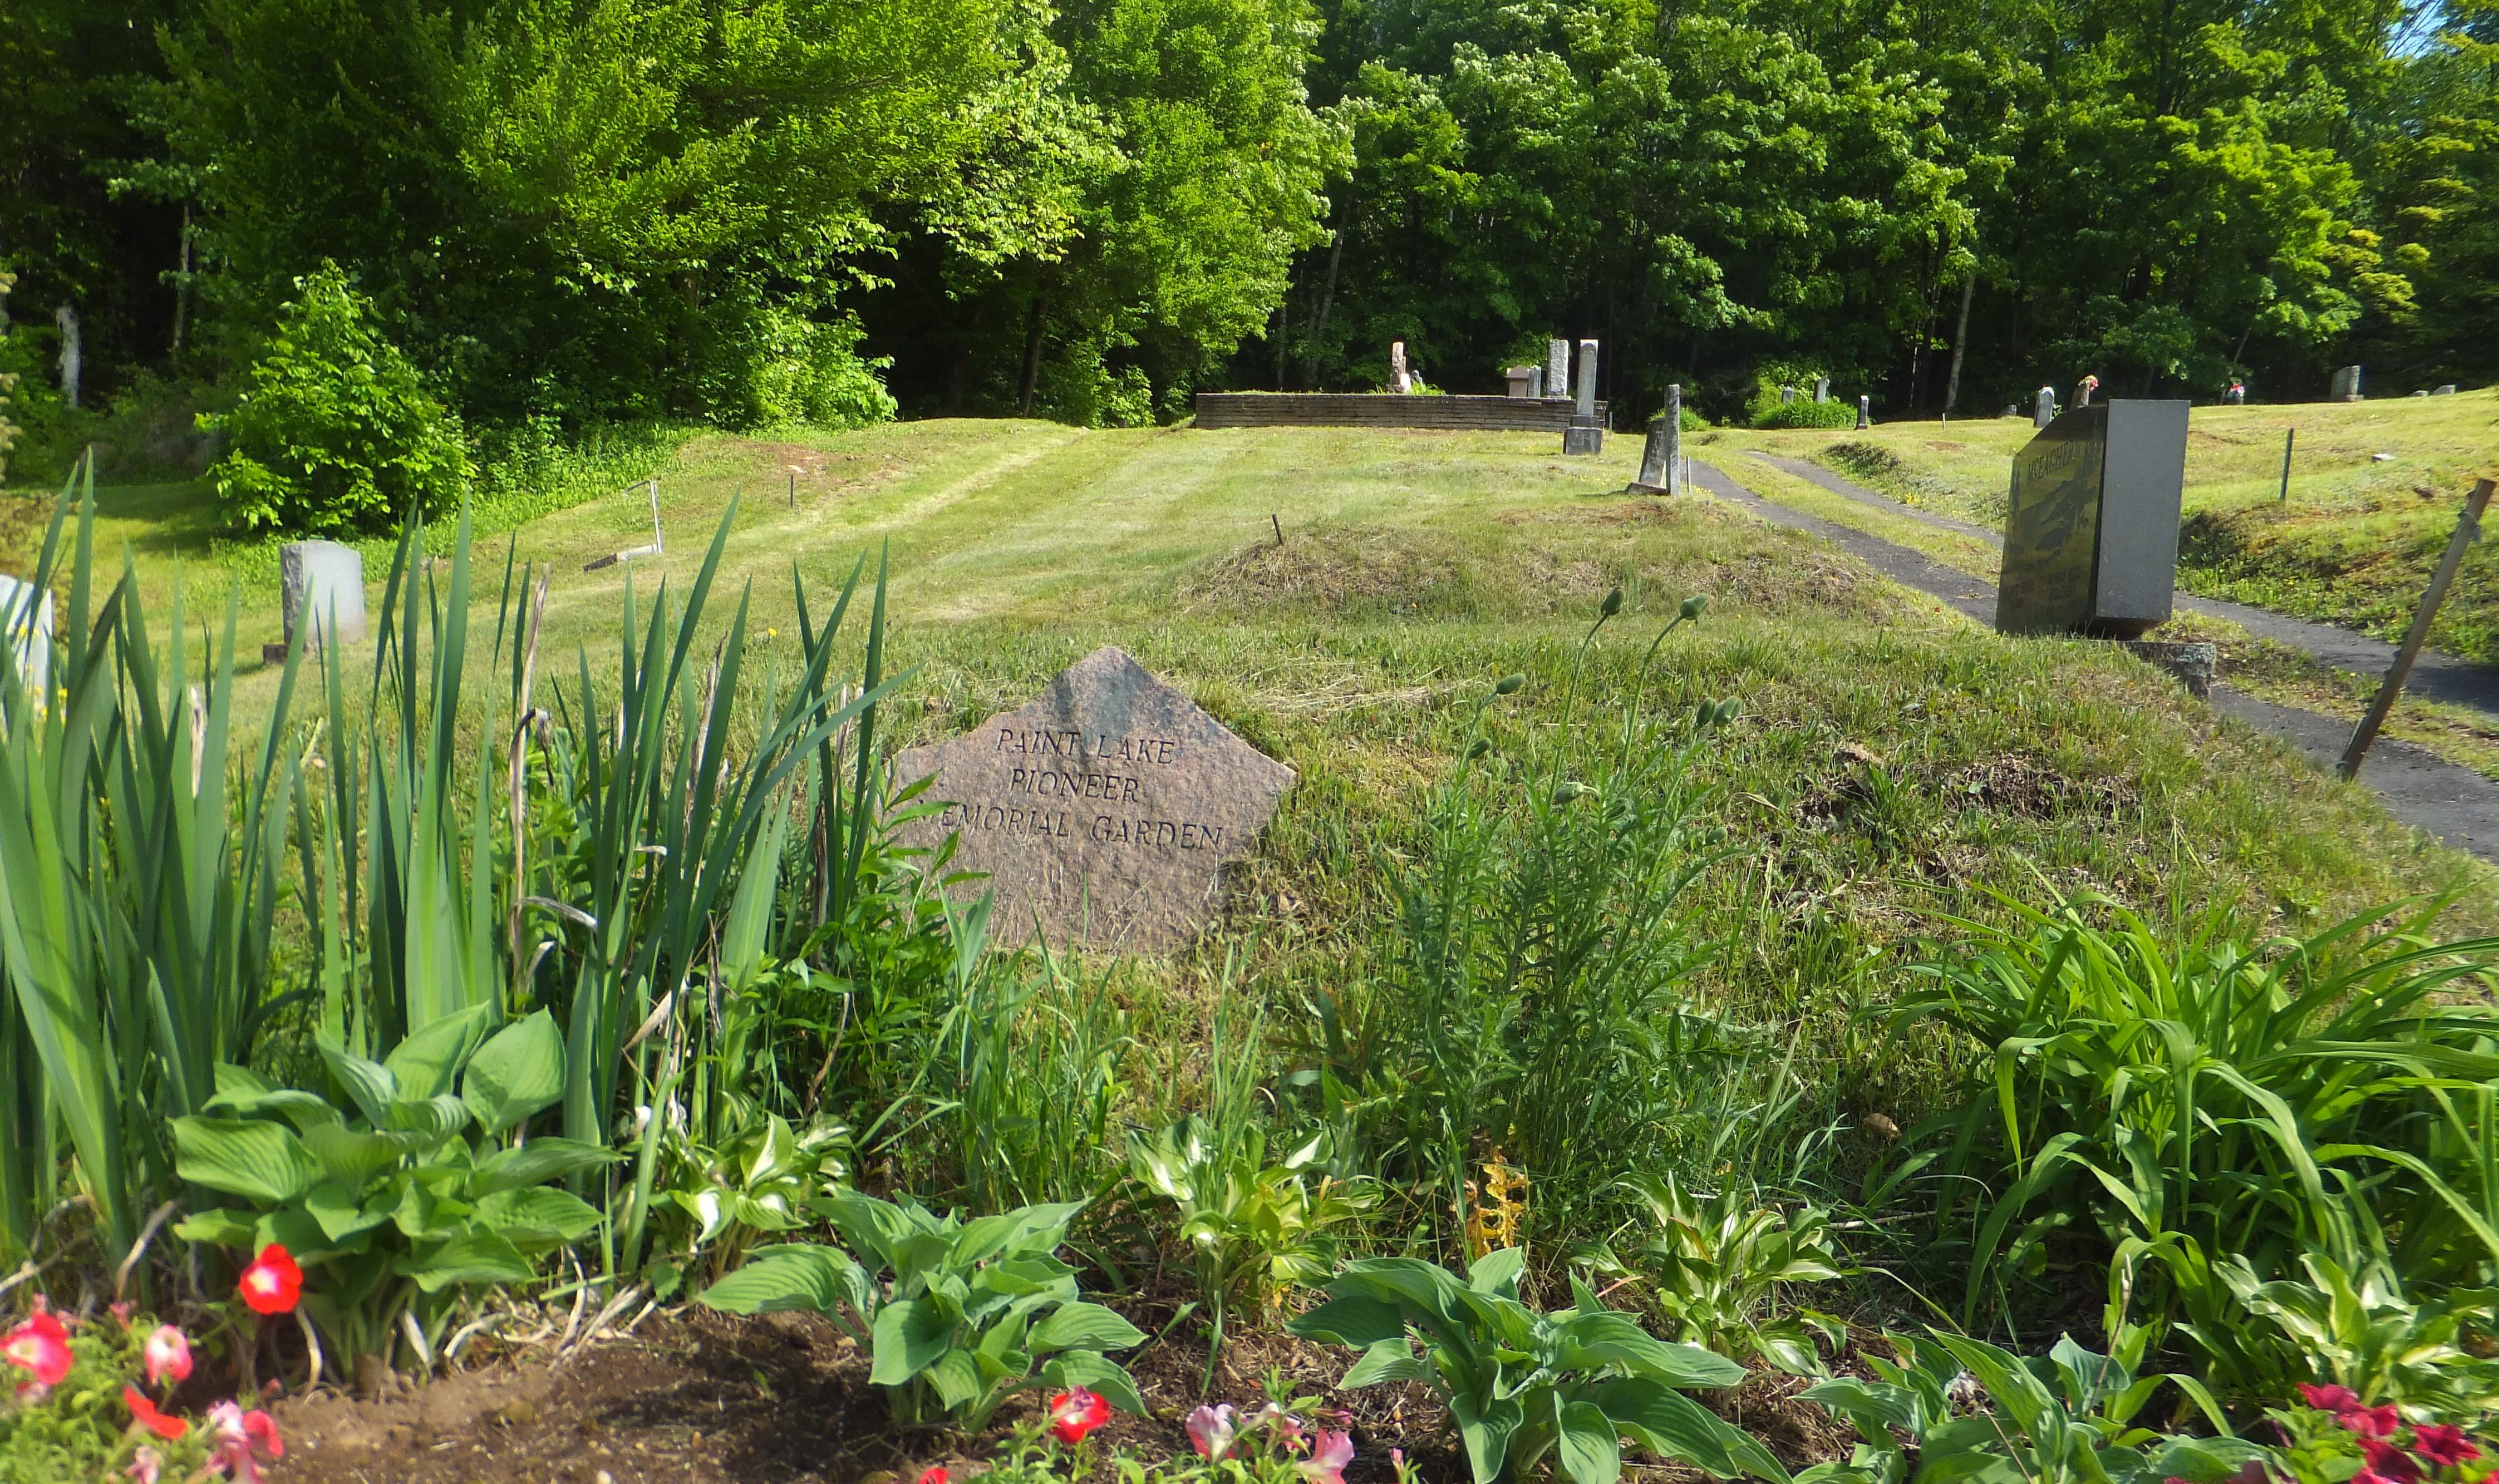 Paint Lake Pioneer Cemetery